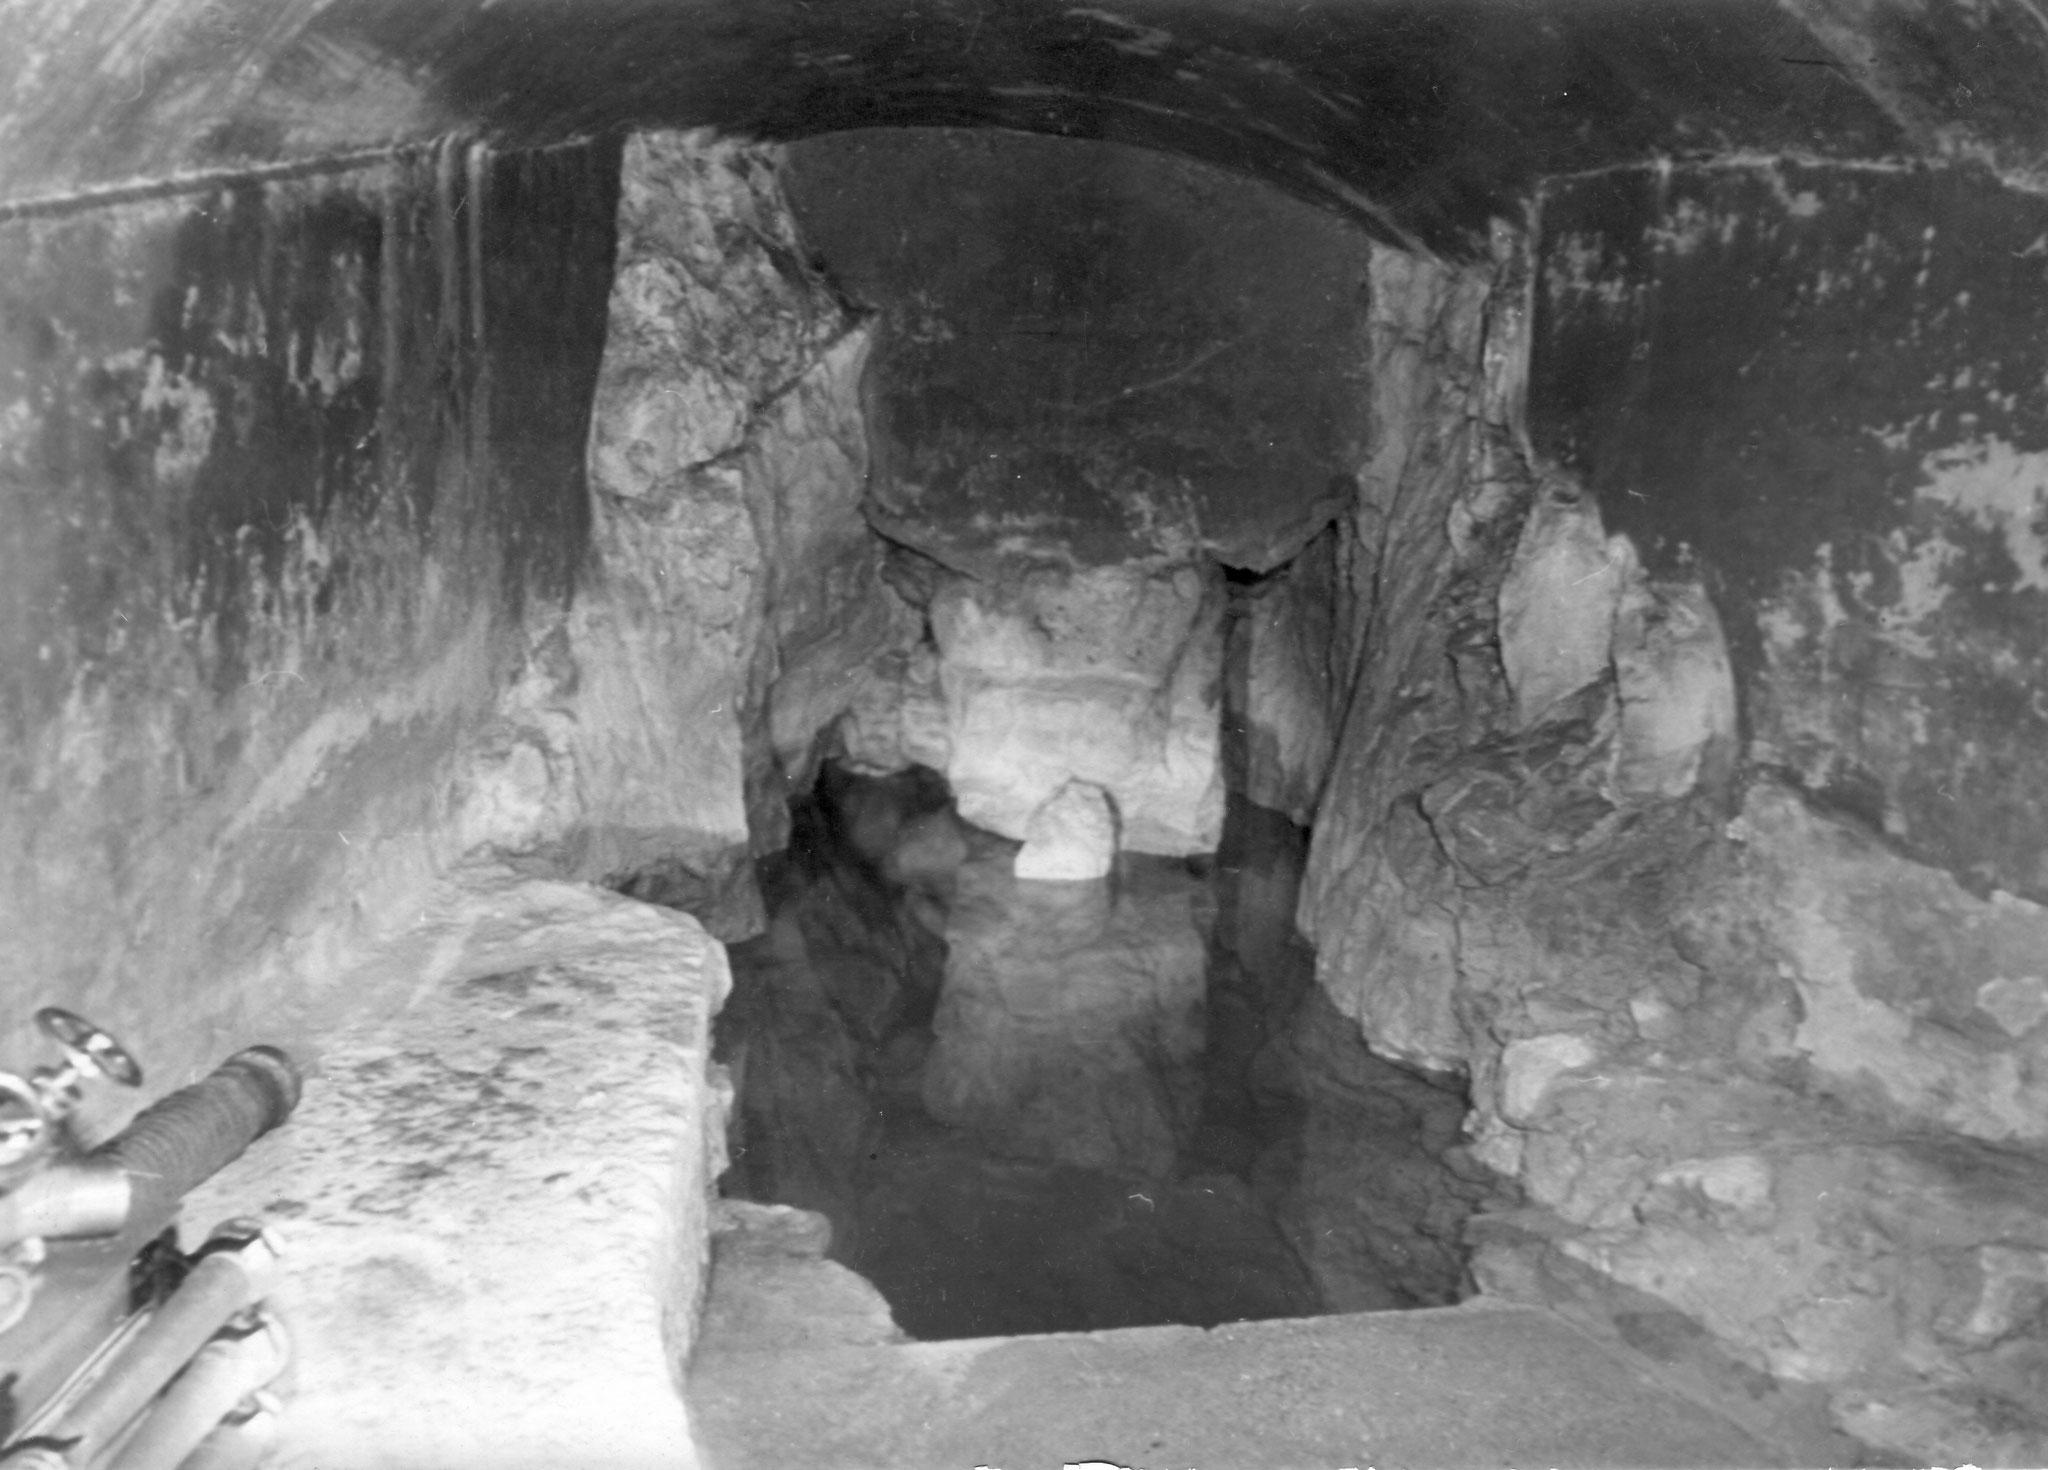 Quellgrotte mit Feuerwehrspritze. Im  Sommer 1947 besuchten Fritz Schänzli, Eduard Lanz und der Fotograf Hubert Matile die Römerquelle.